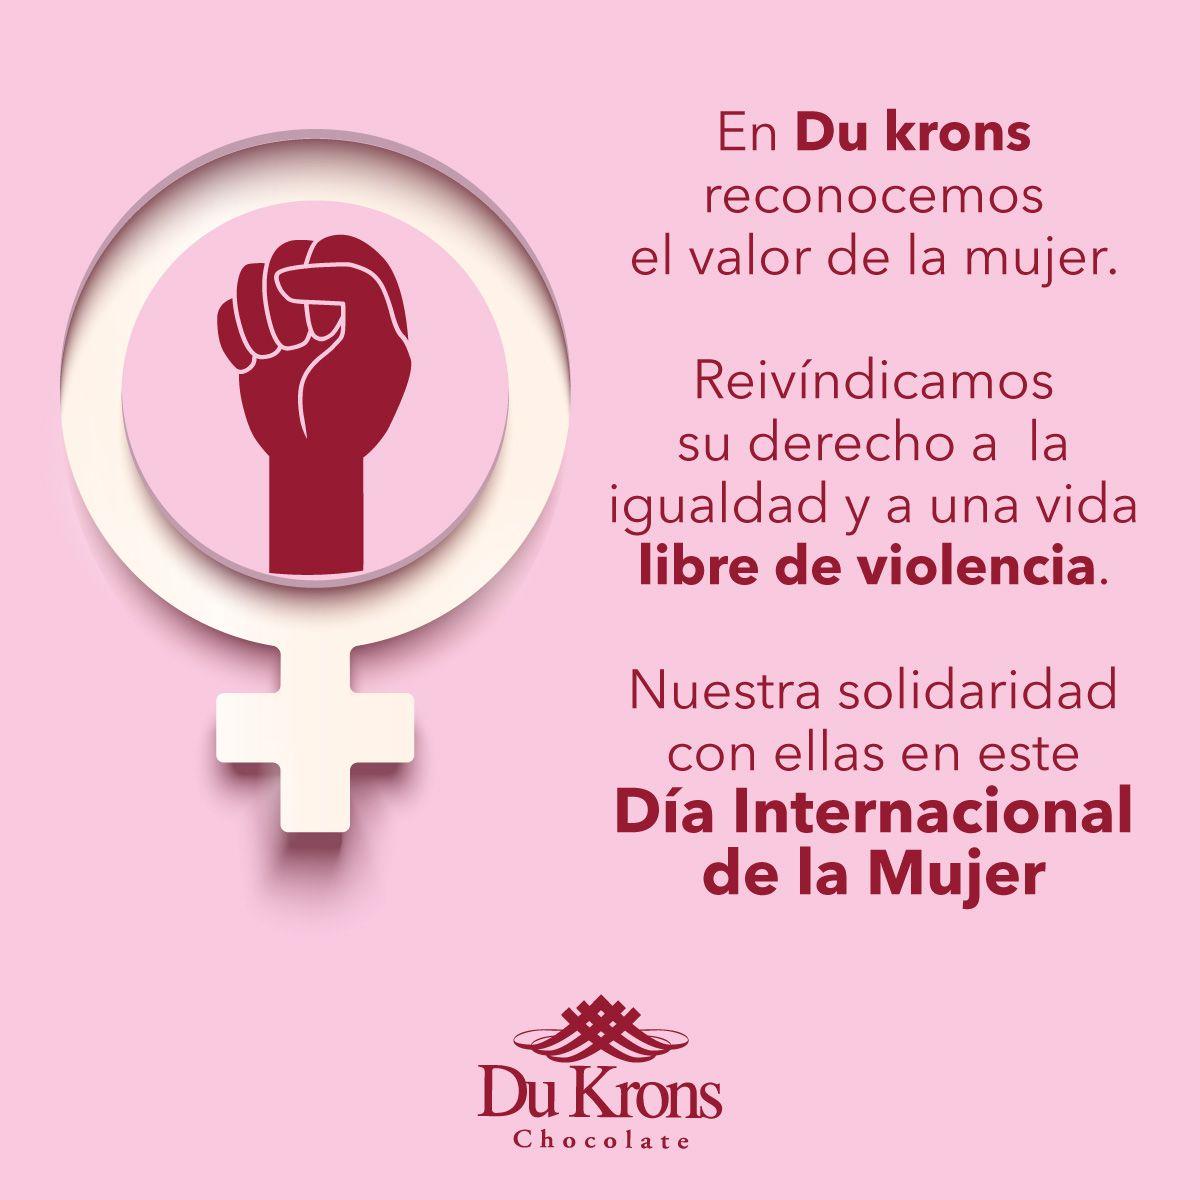 Pin De Du Krons En Recursos Humanos Igualdad De Derechos Recursos Humanos Dia Internacional De La Mujer